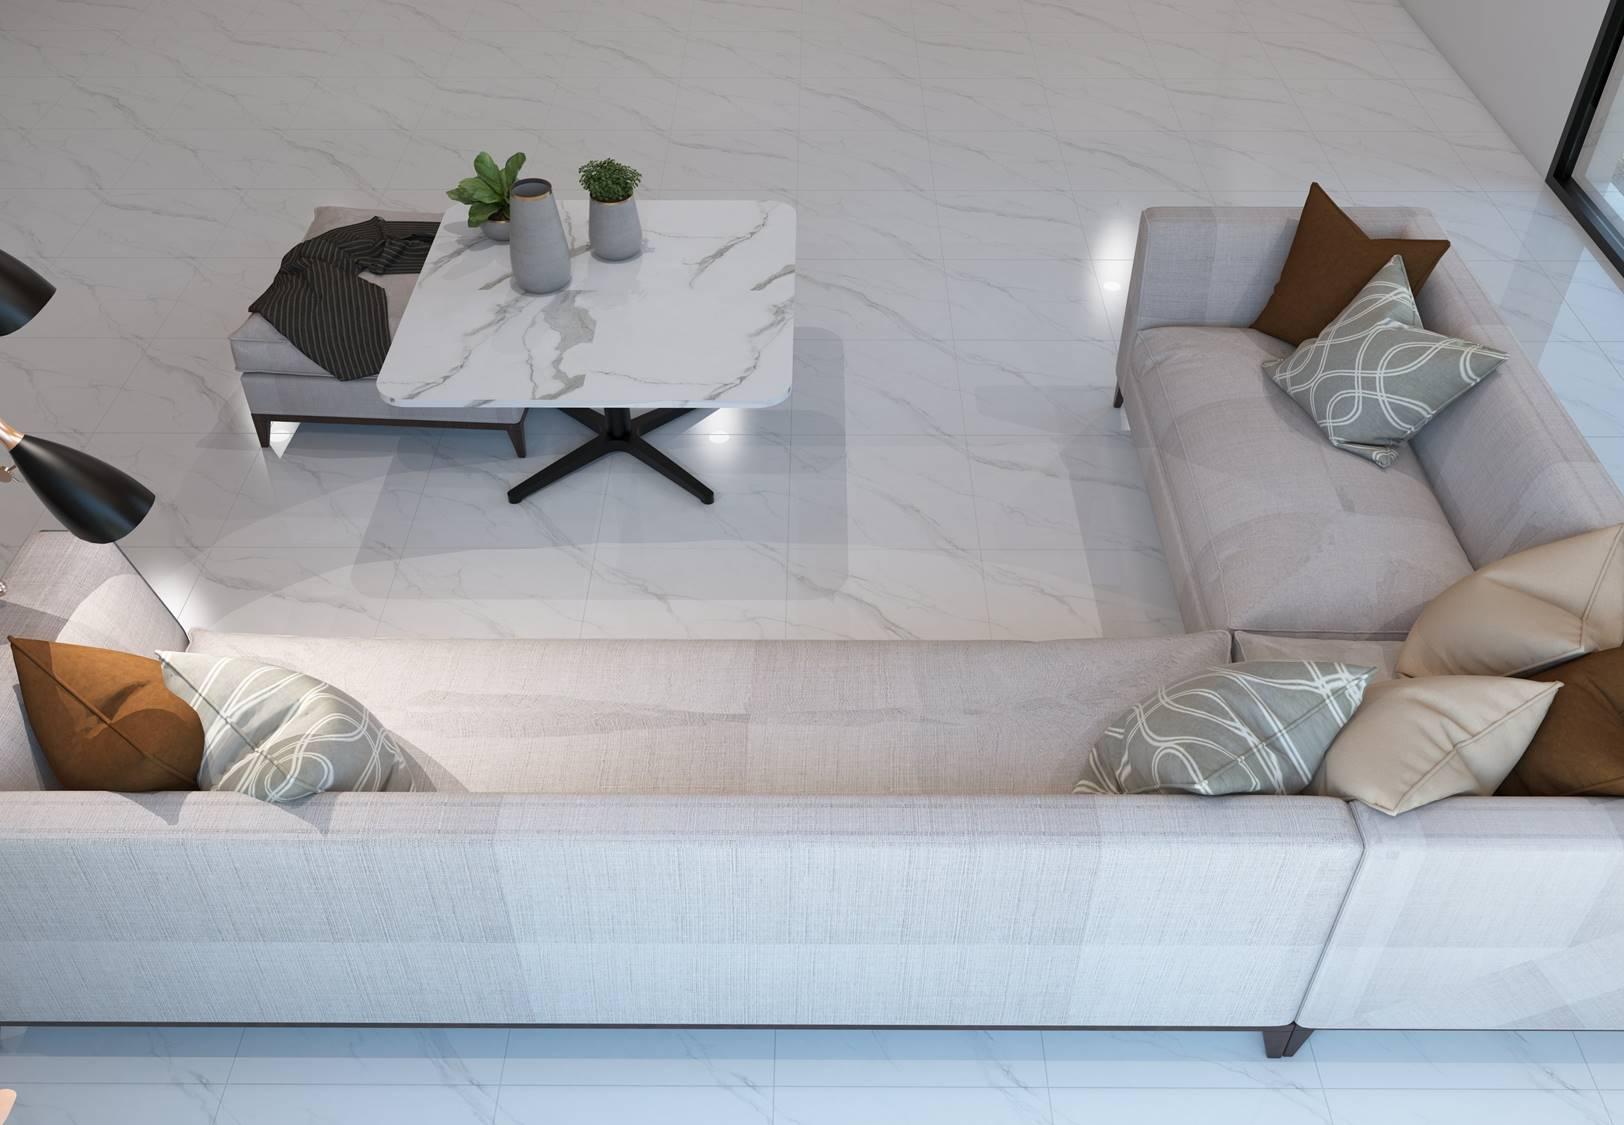 Sehati Carrara Stone ambience 2